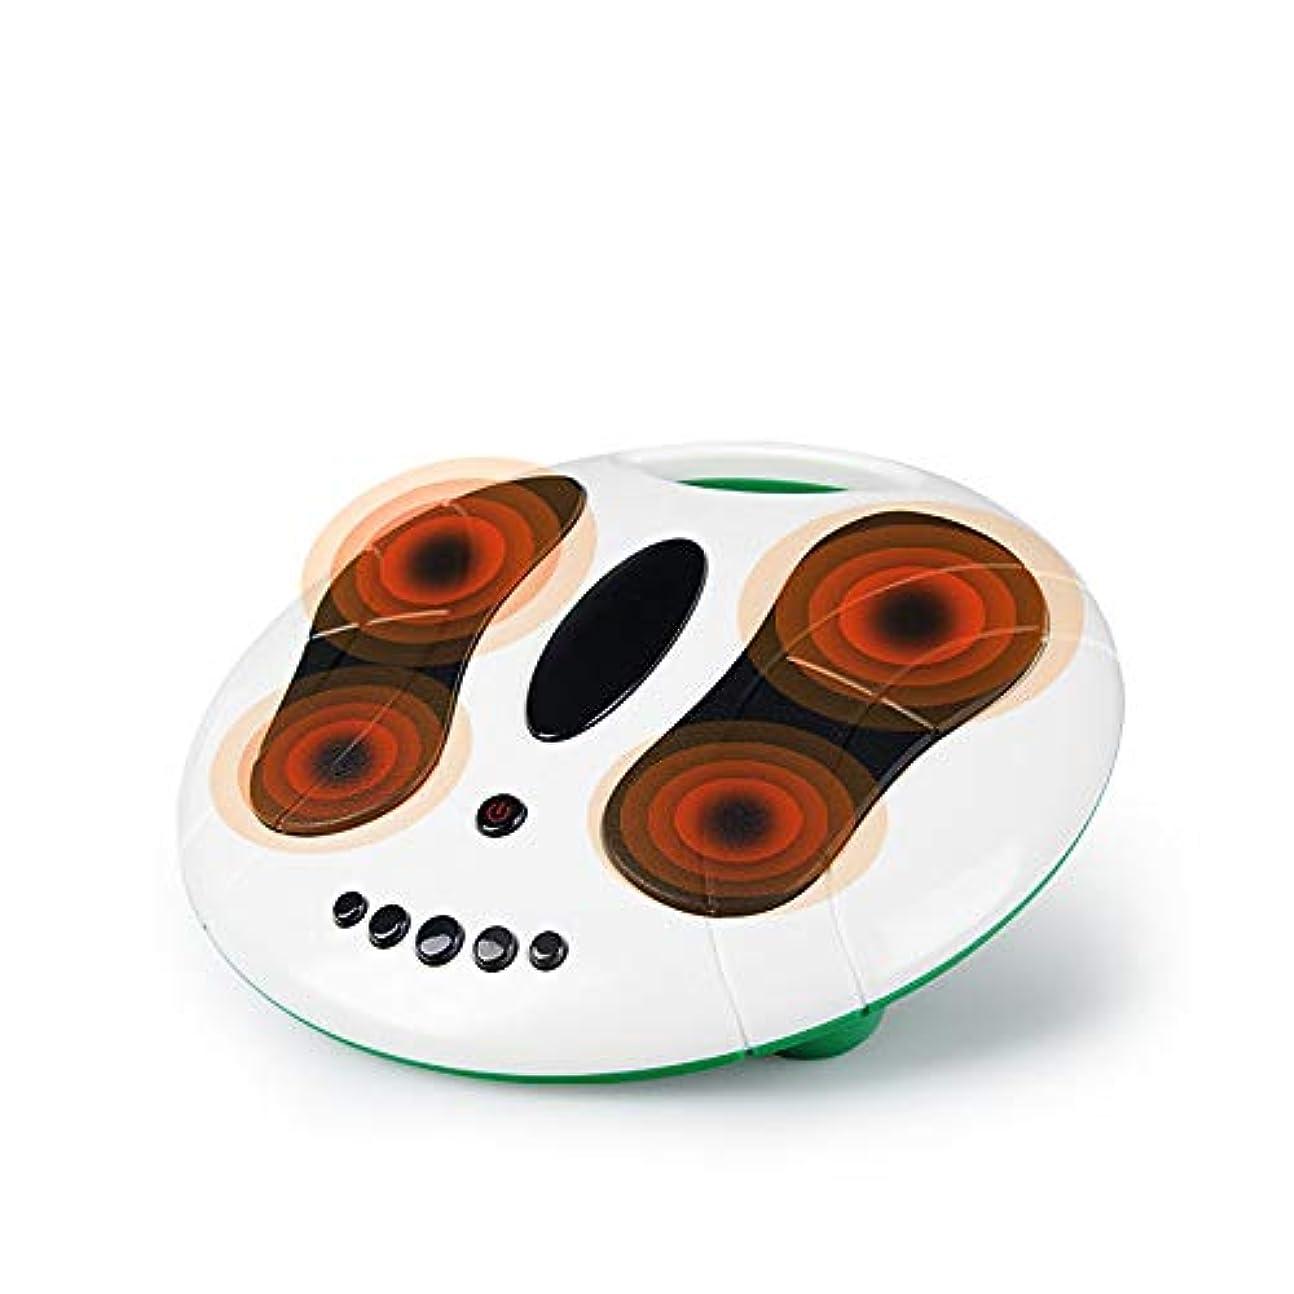 主婦パン屋ピアノフットマッサージャーツボホーム刺激マッサージャーフットマッサージャー鍼暖房理学療法機械